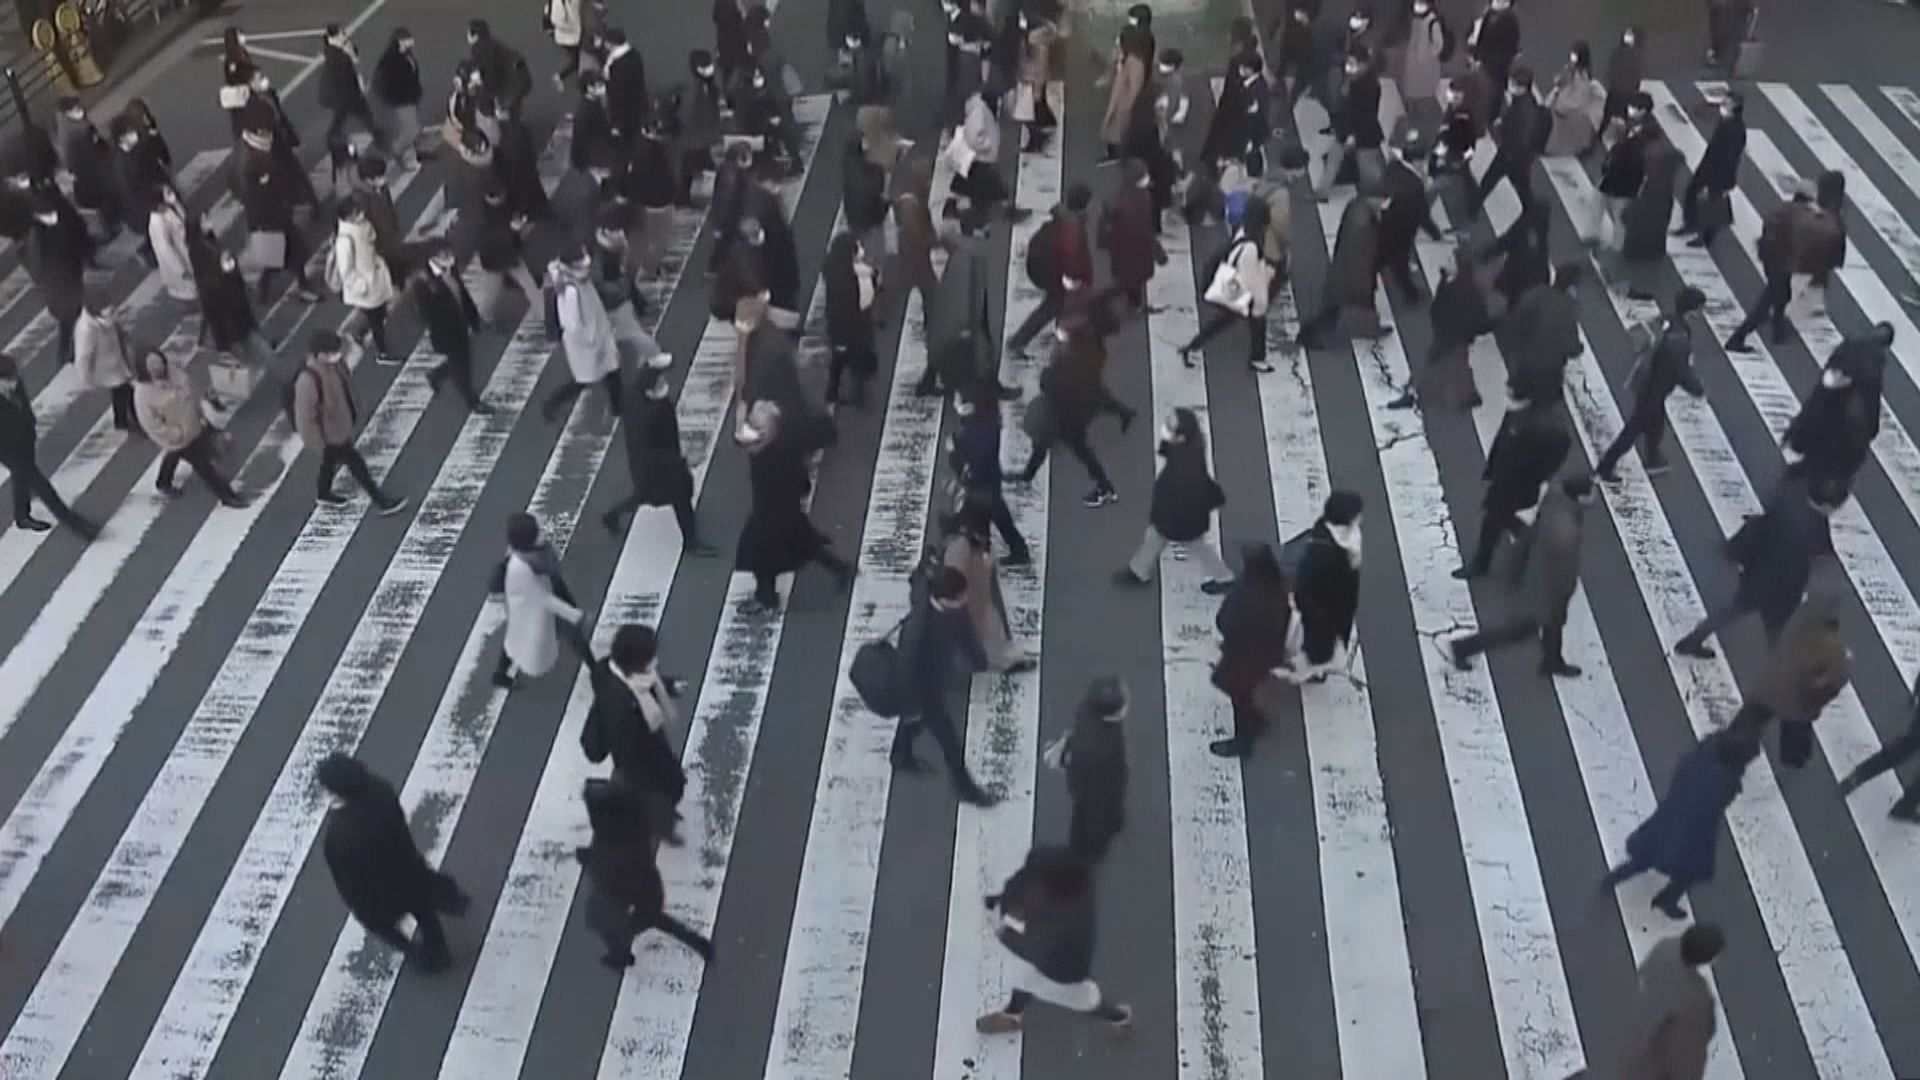 日本疫情反彈 將於四都府縣頒布緊急事態宣言